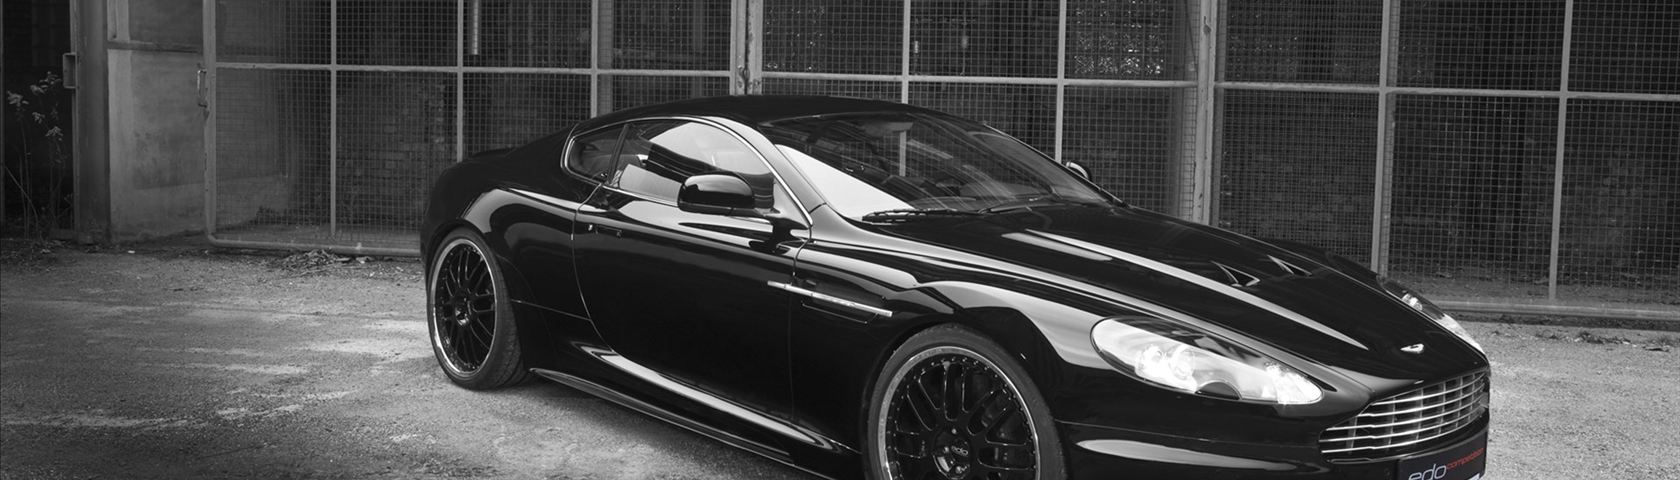 Black EDO Aston Martin